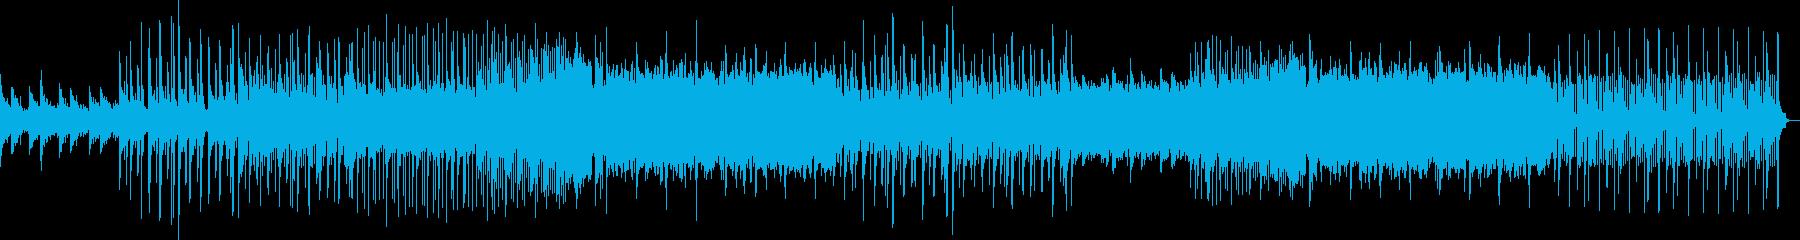 クリーントーンなEDMの再生済みの波形